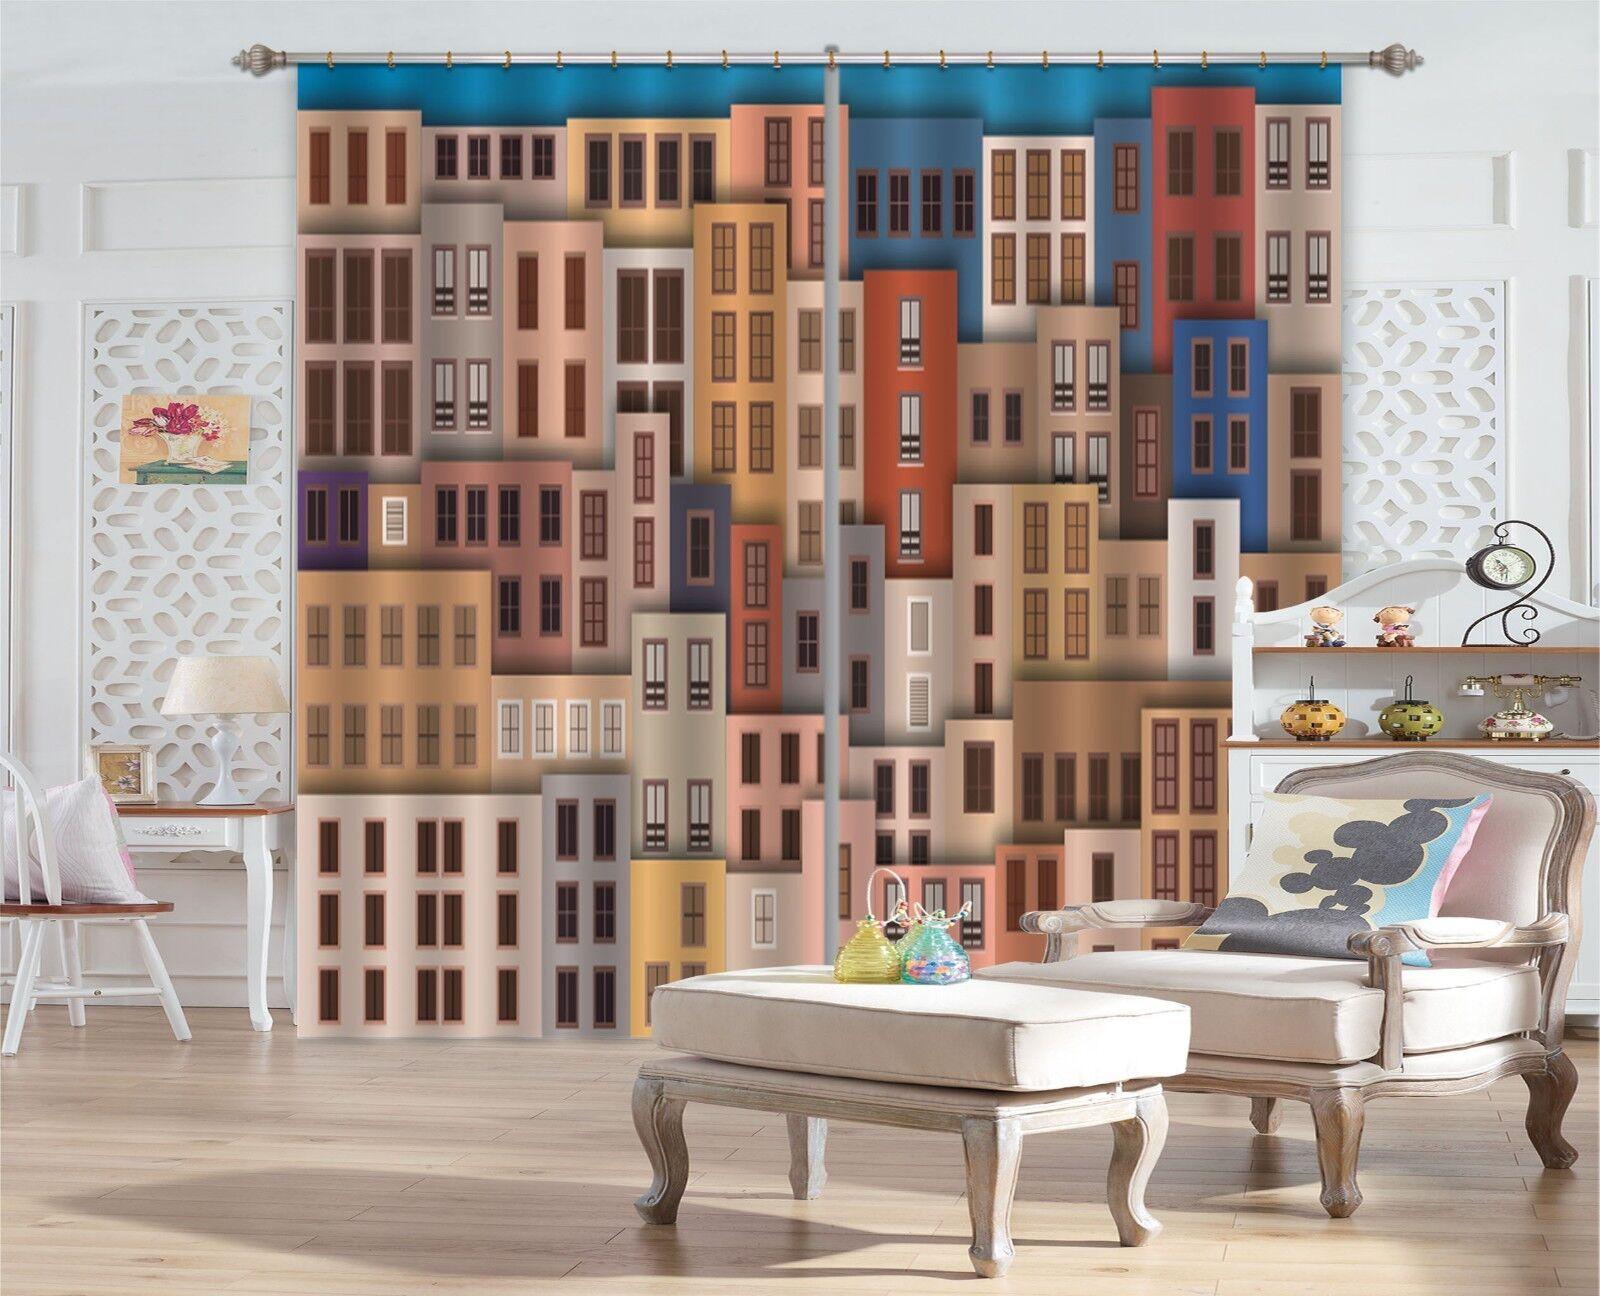 Modelo de casa de 3D impresión fotográfica Blockout Cortinas Cortinas De Tela Cortina Ventana CA